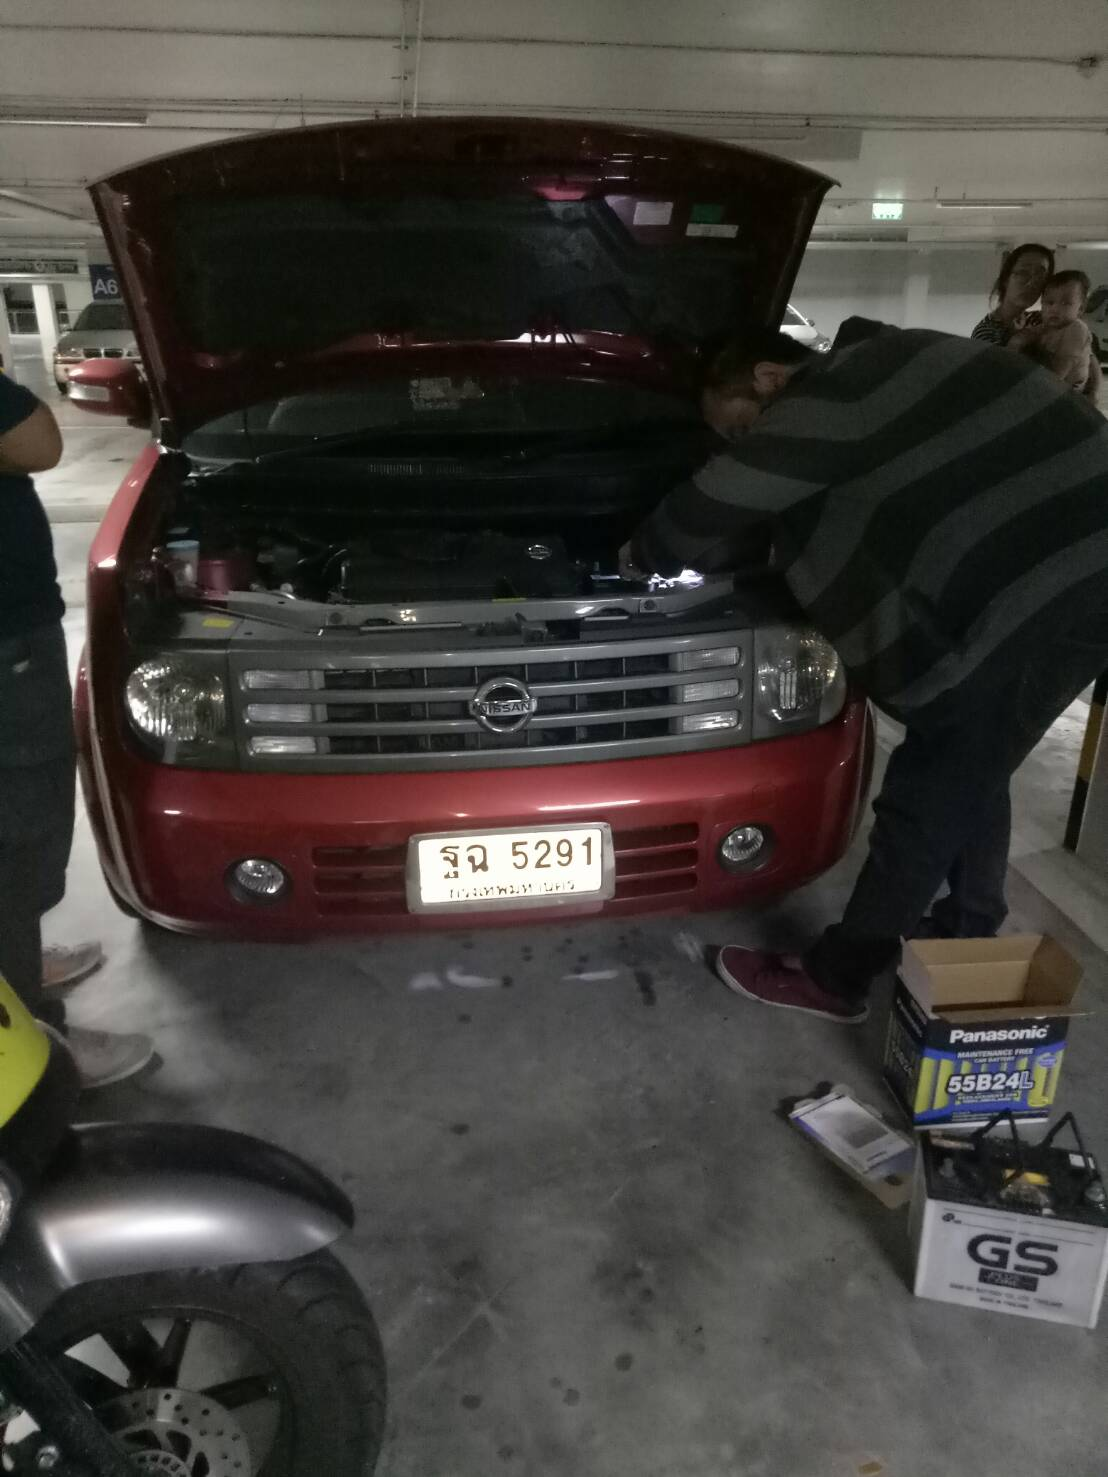 แบตเตอรี่รถยนต์พระประแดง แบตเตอรี่รถยนต์ป้อมพระจุล แบตเตอรี่รถยนต์สุกสวัสดิ์